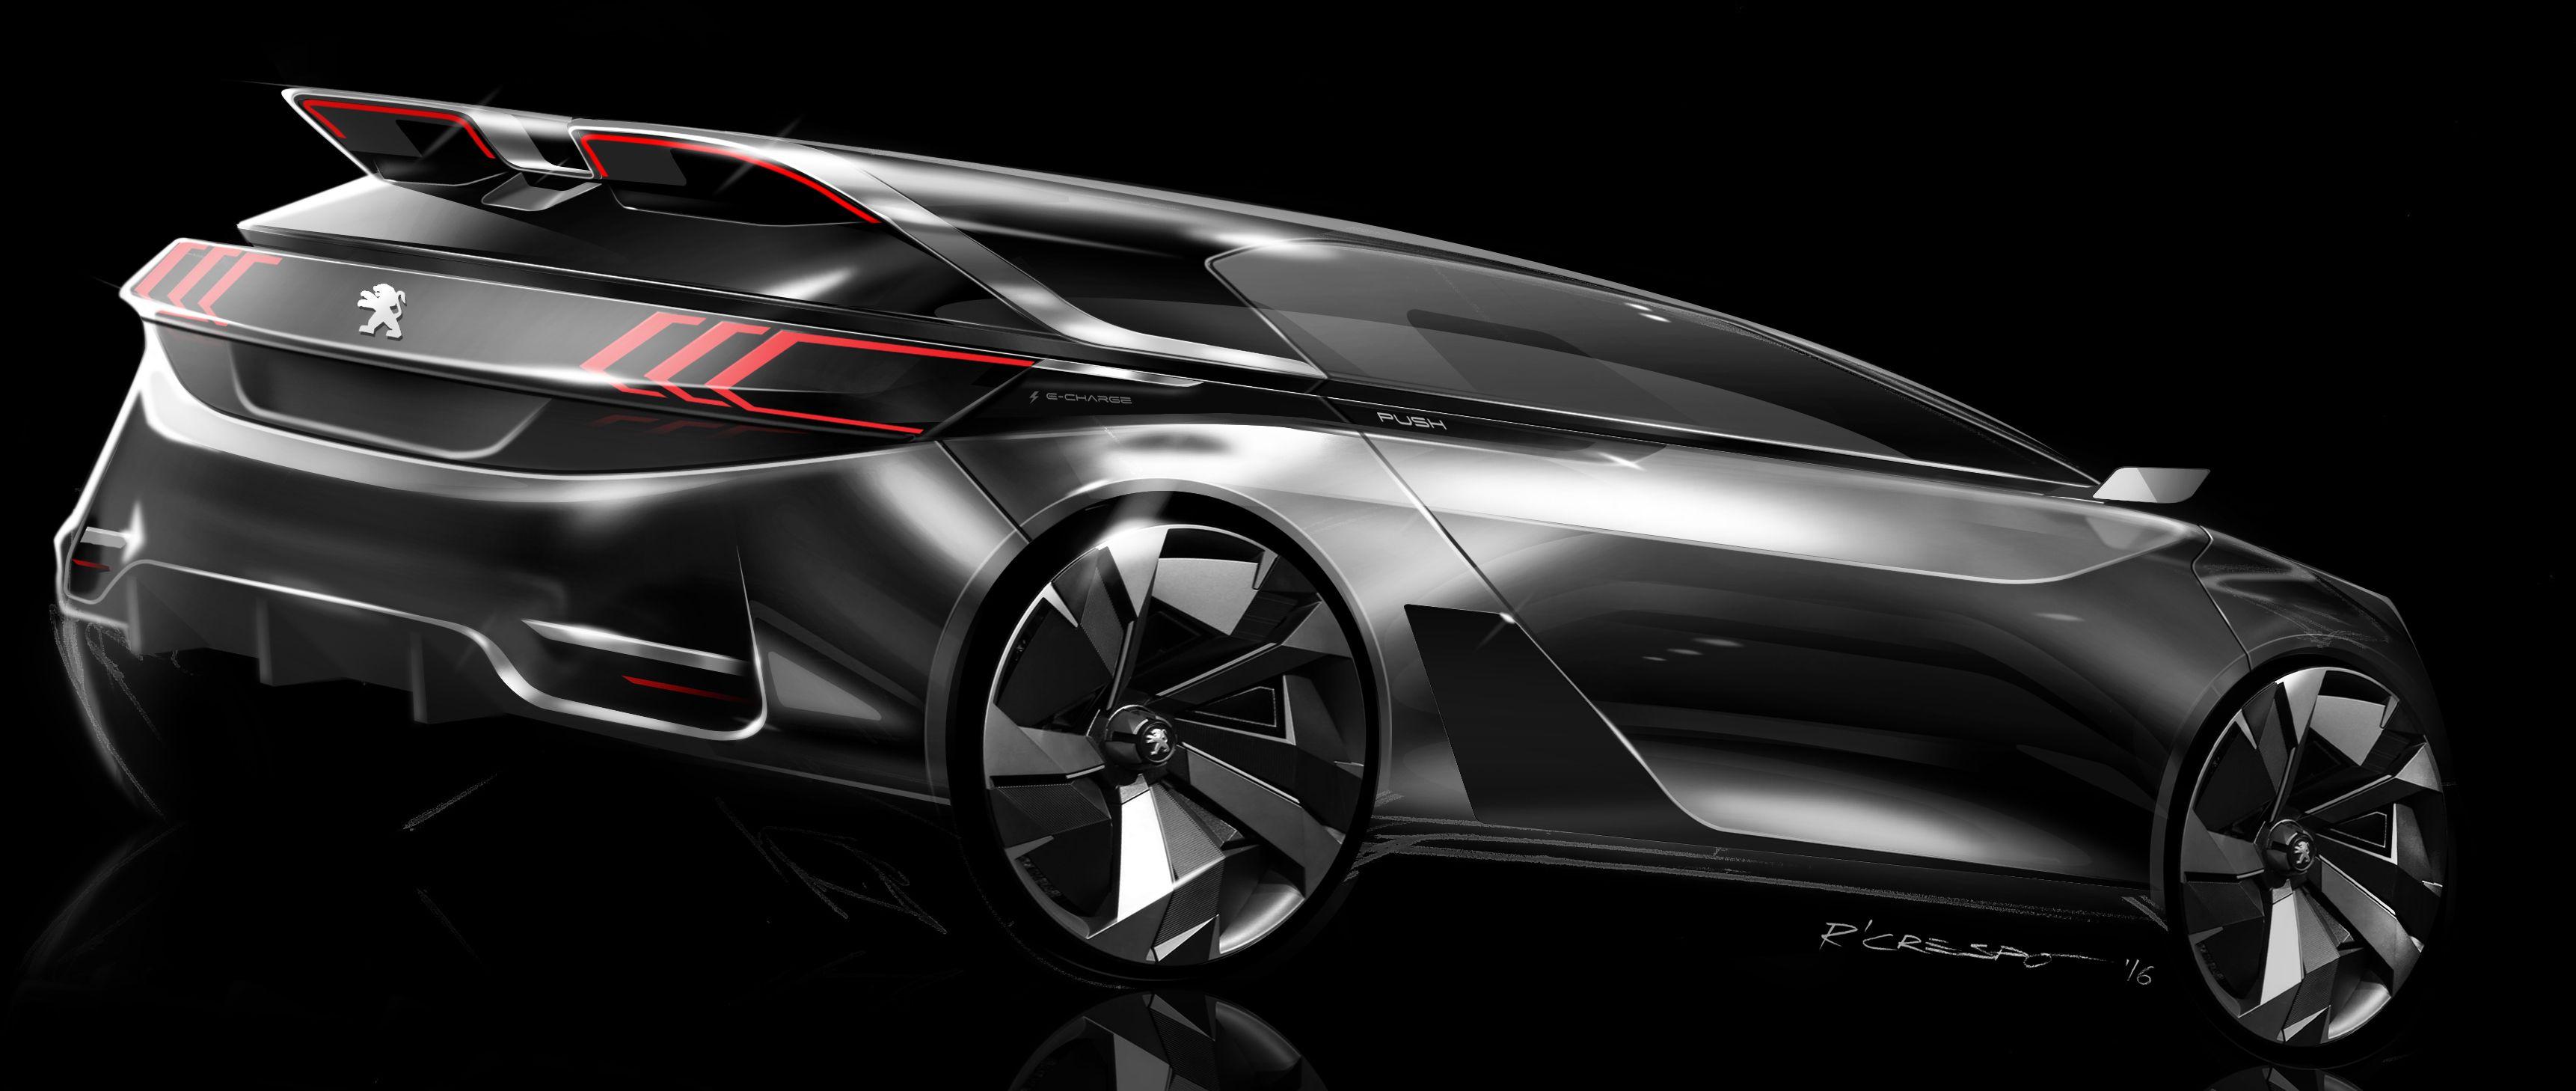 Peugeot sketch raphael crespo concept pinterest design voiture et transport - Croquis voiture ...